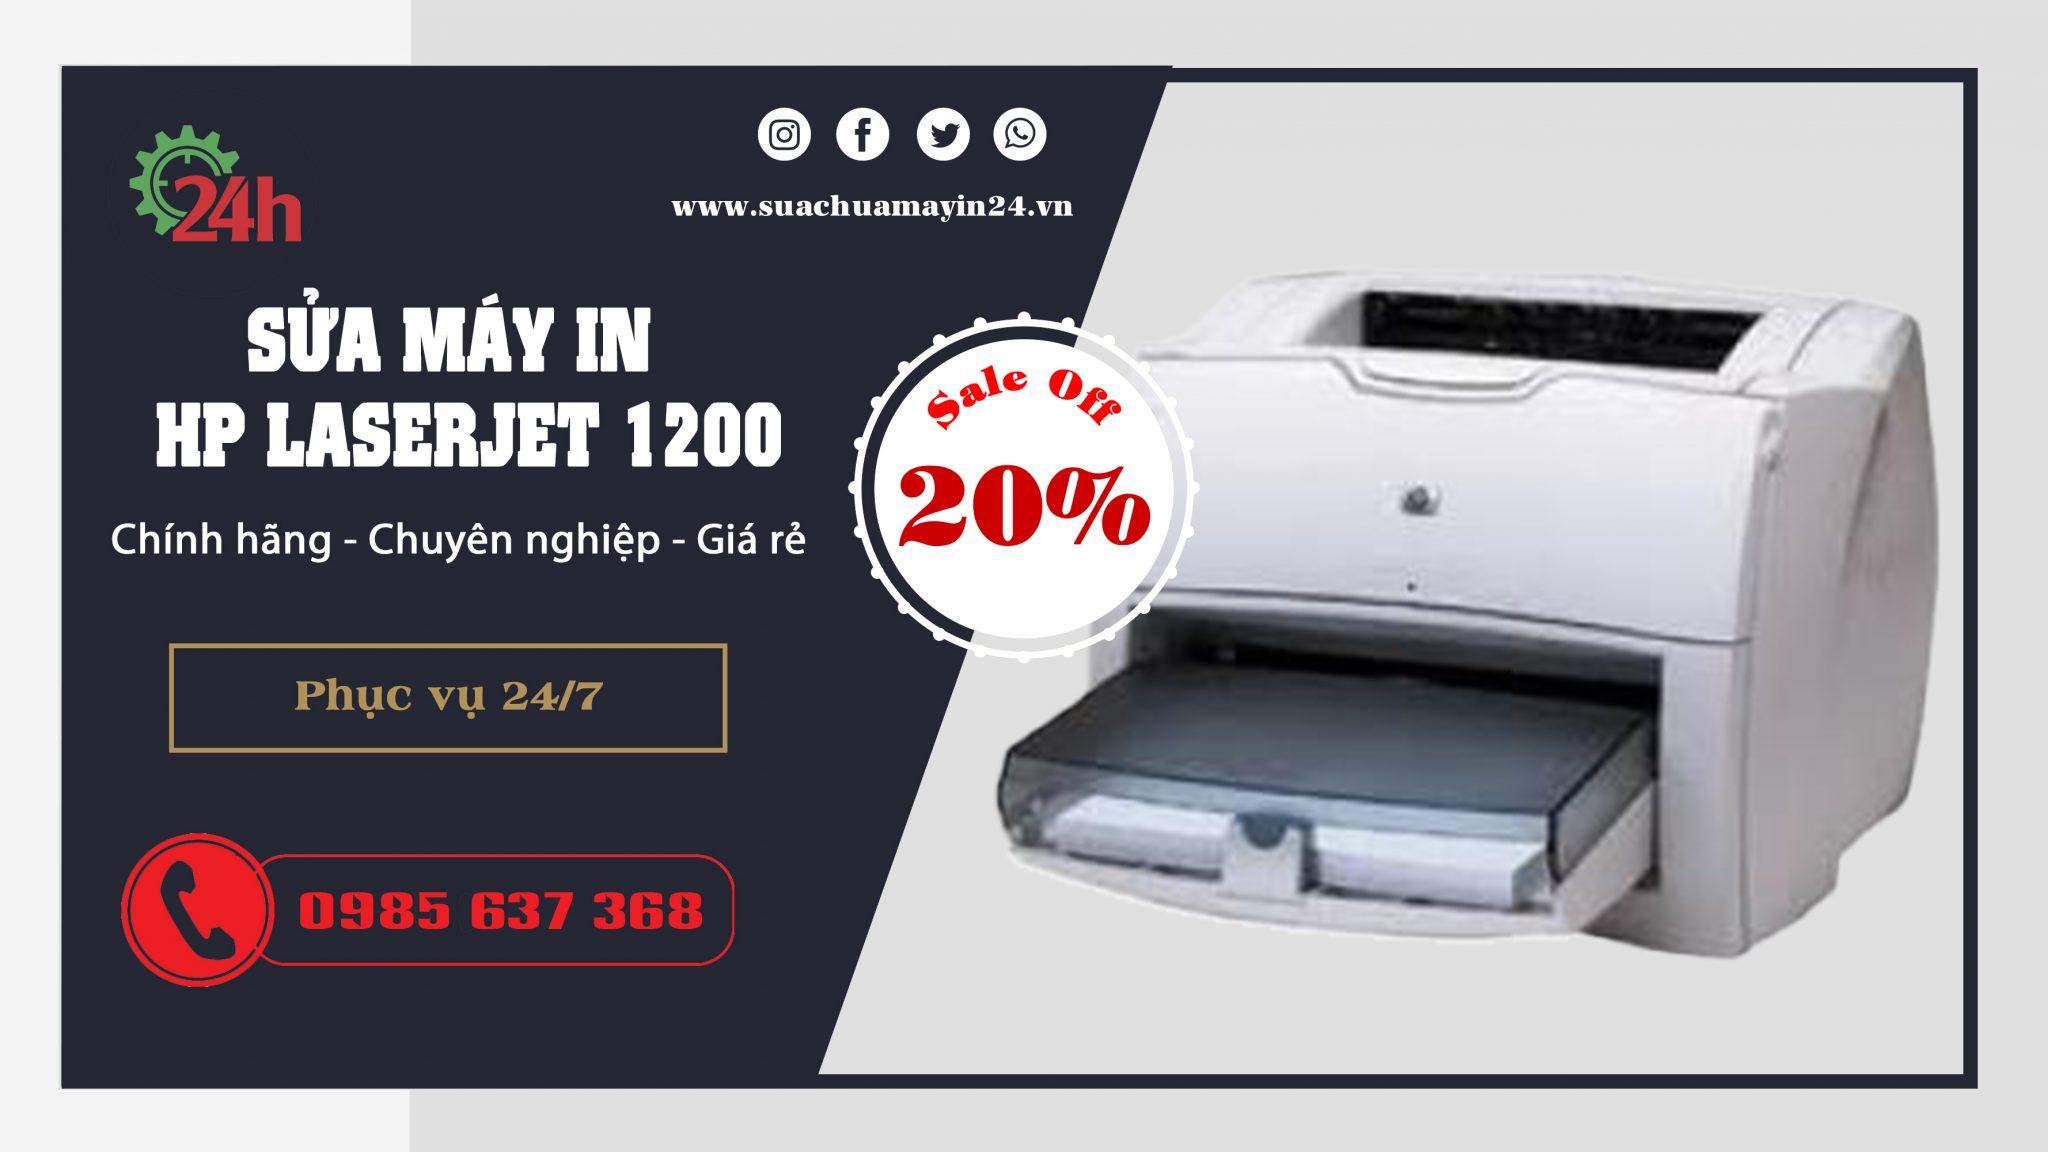 sua-may-in-hp-laserjet-1200